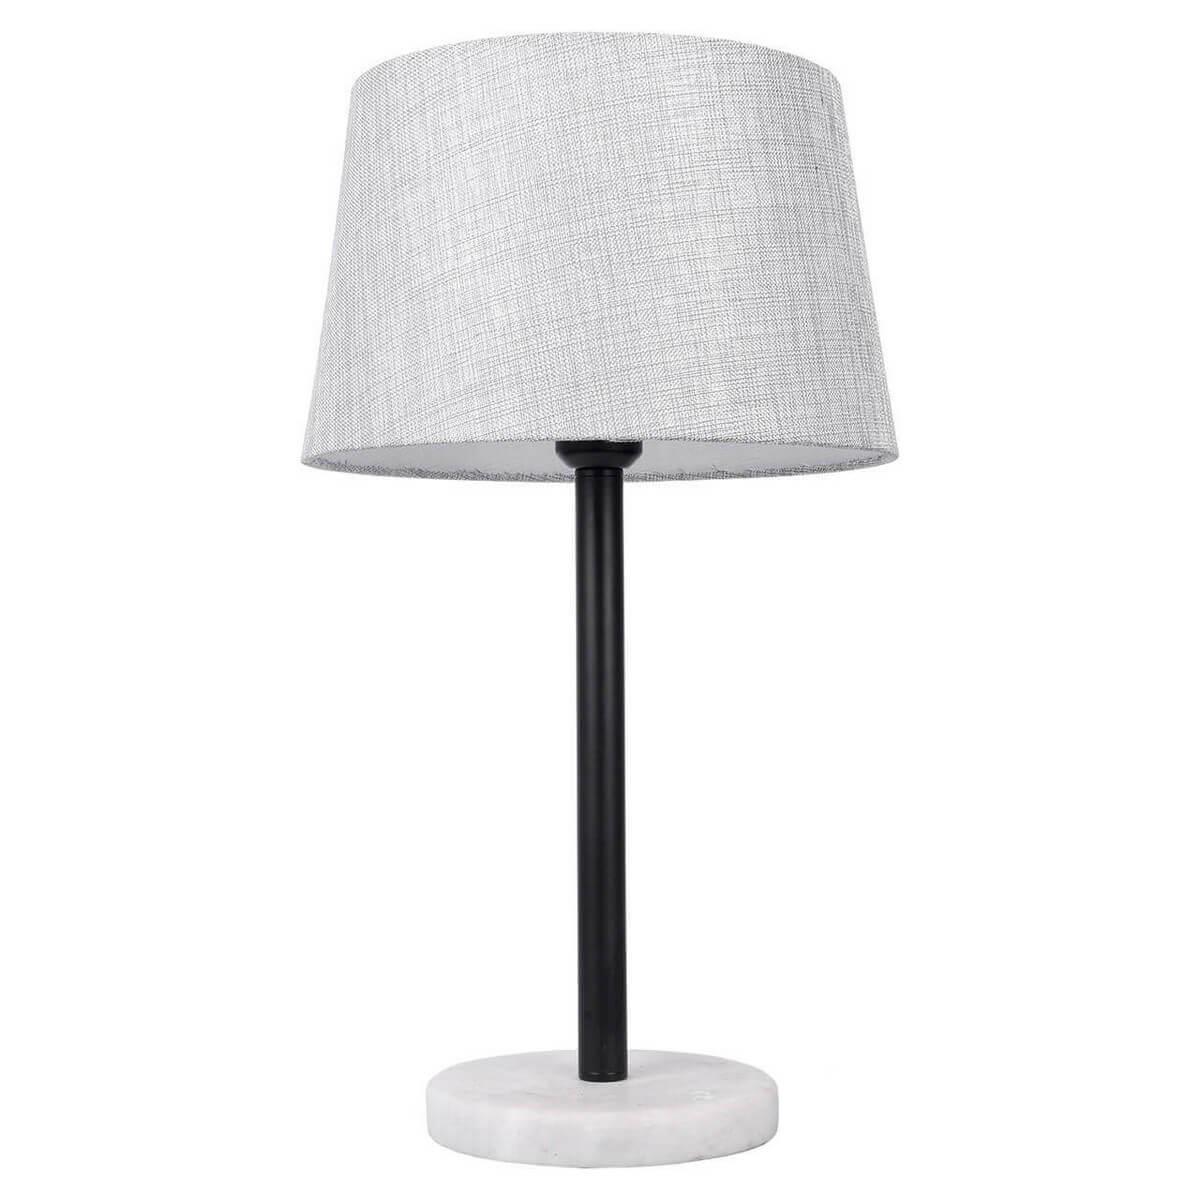 Настольная лампа Lussole LSP-9546 LSP-954 настольная лампа декоративная lgo lsp 9546